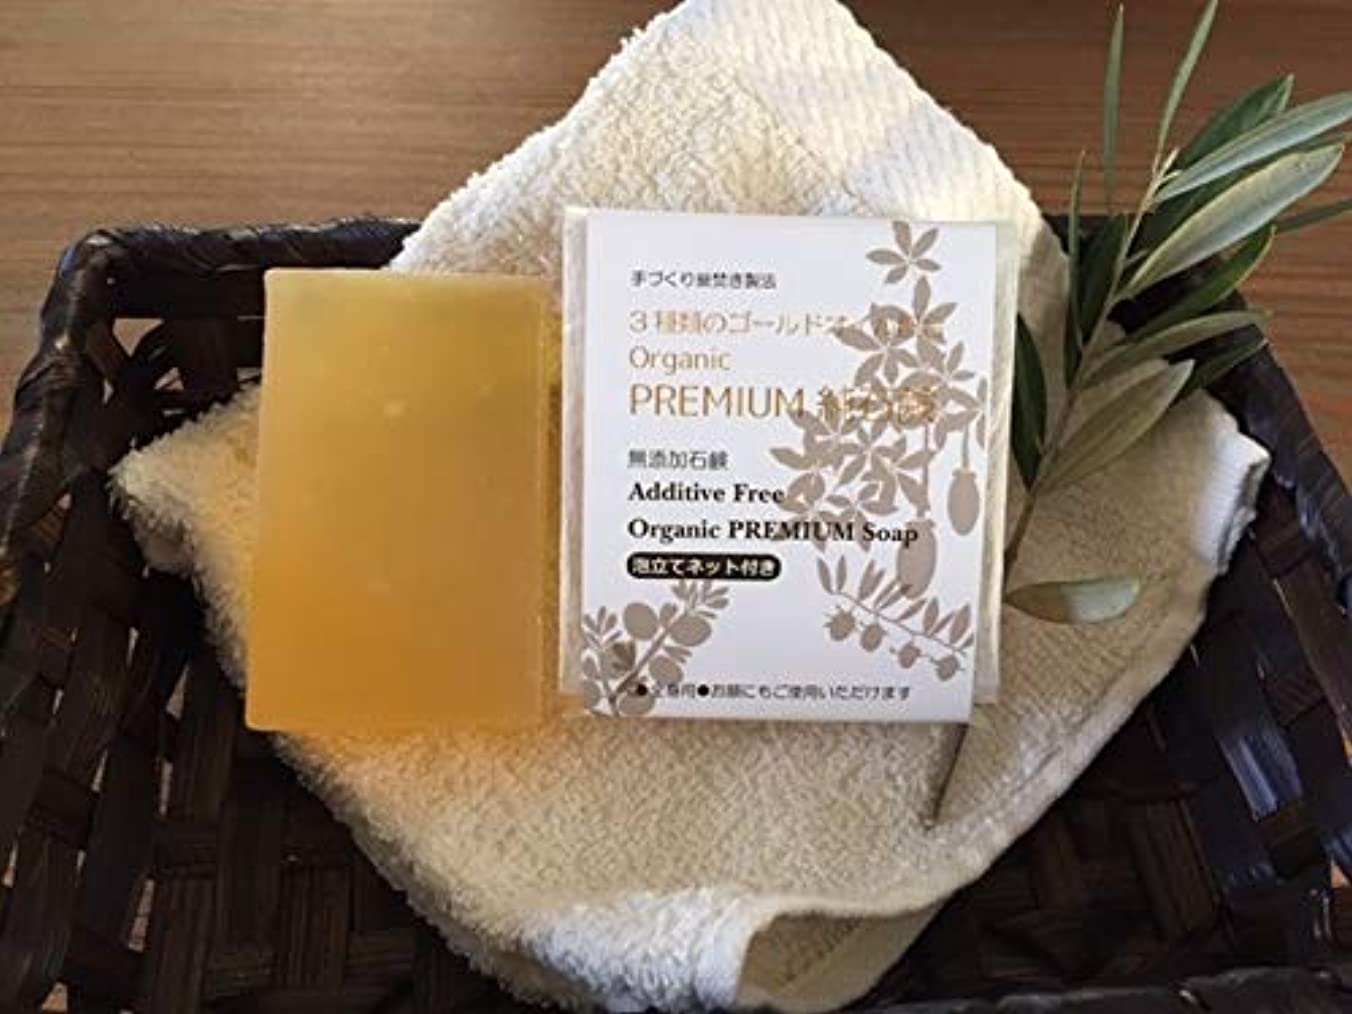 鹿英語の授業がありますかる手づくり釜焚き石鹸 Organic PREMIUM 純石鹸 130gバス用ジャンボサイズ 『3種の未精製 ゴールドオイル配合』 3種類の有機栽培ゴールドオイルをたっぷり配合したプレミアム処方です